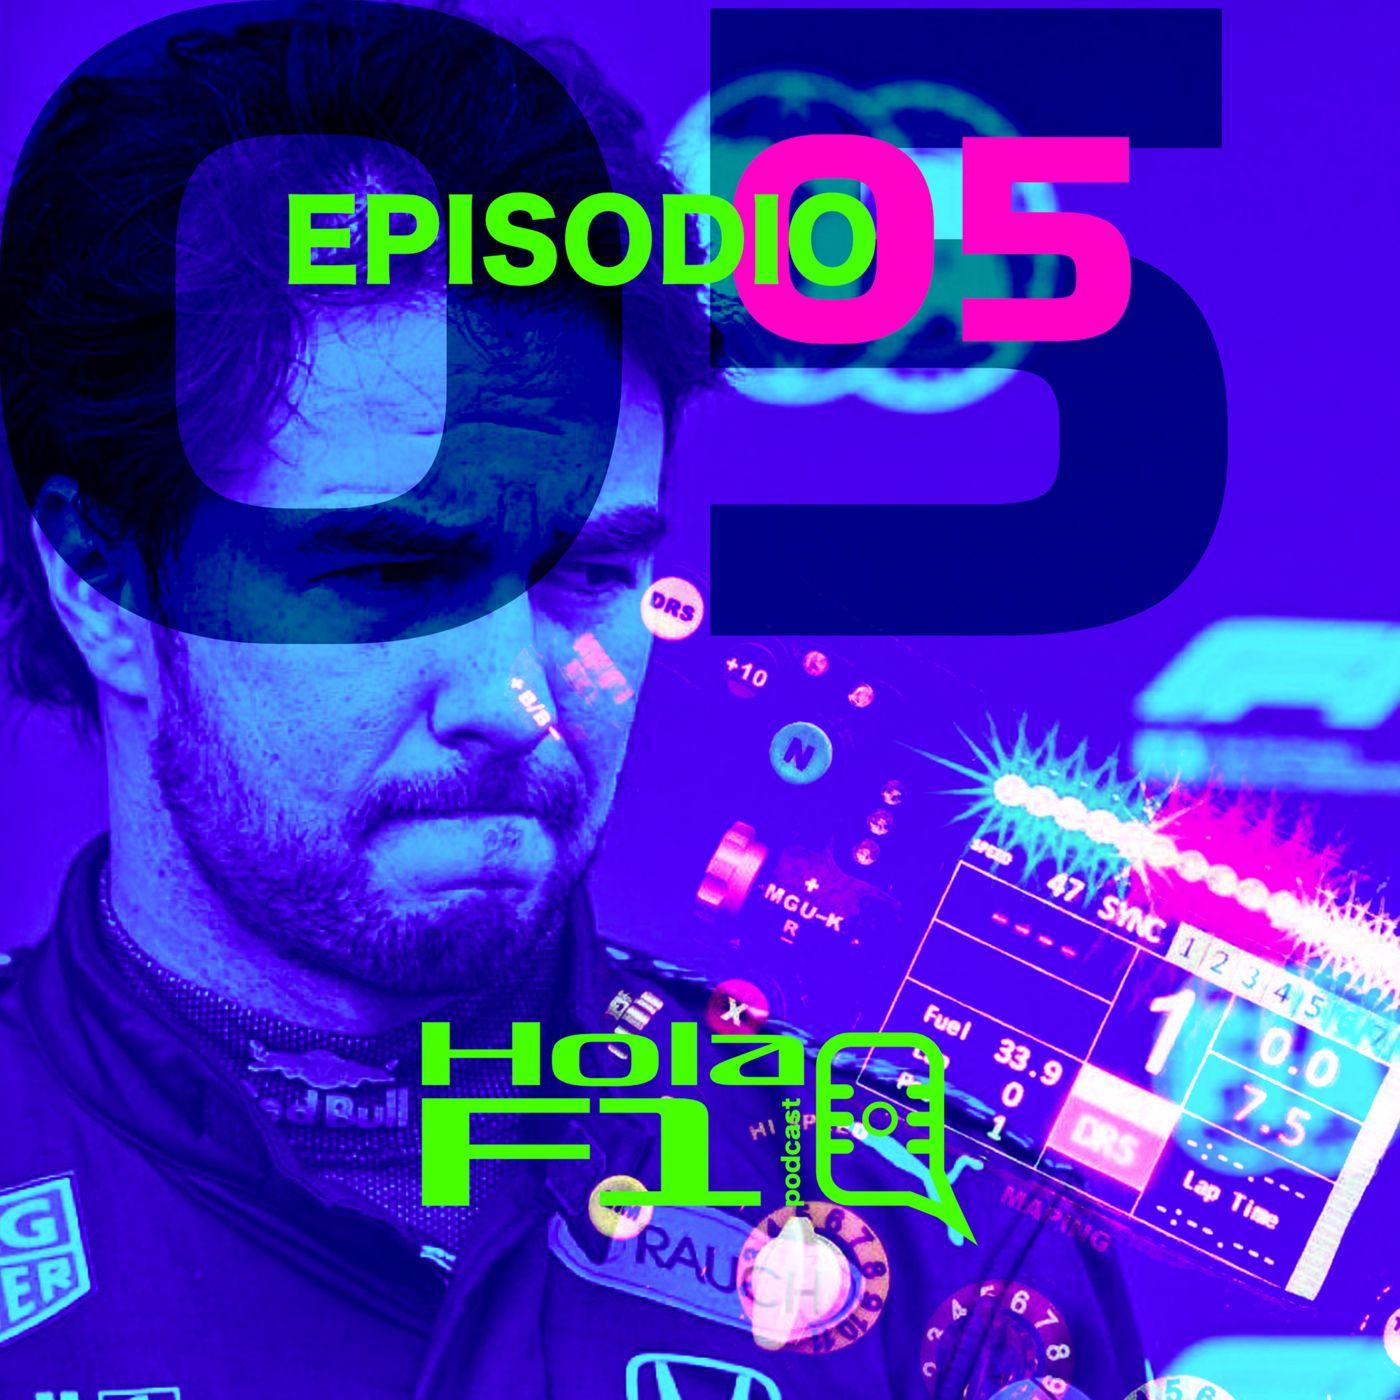 EP 05 - El botón mágico de Checo